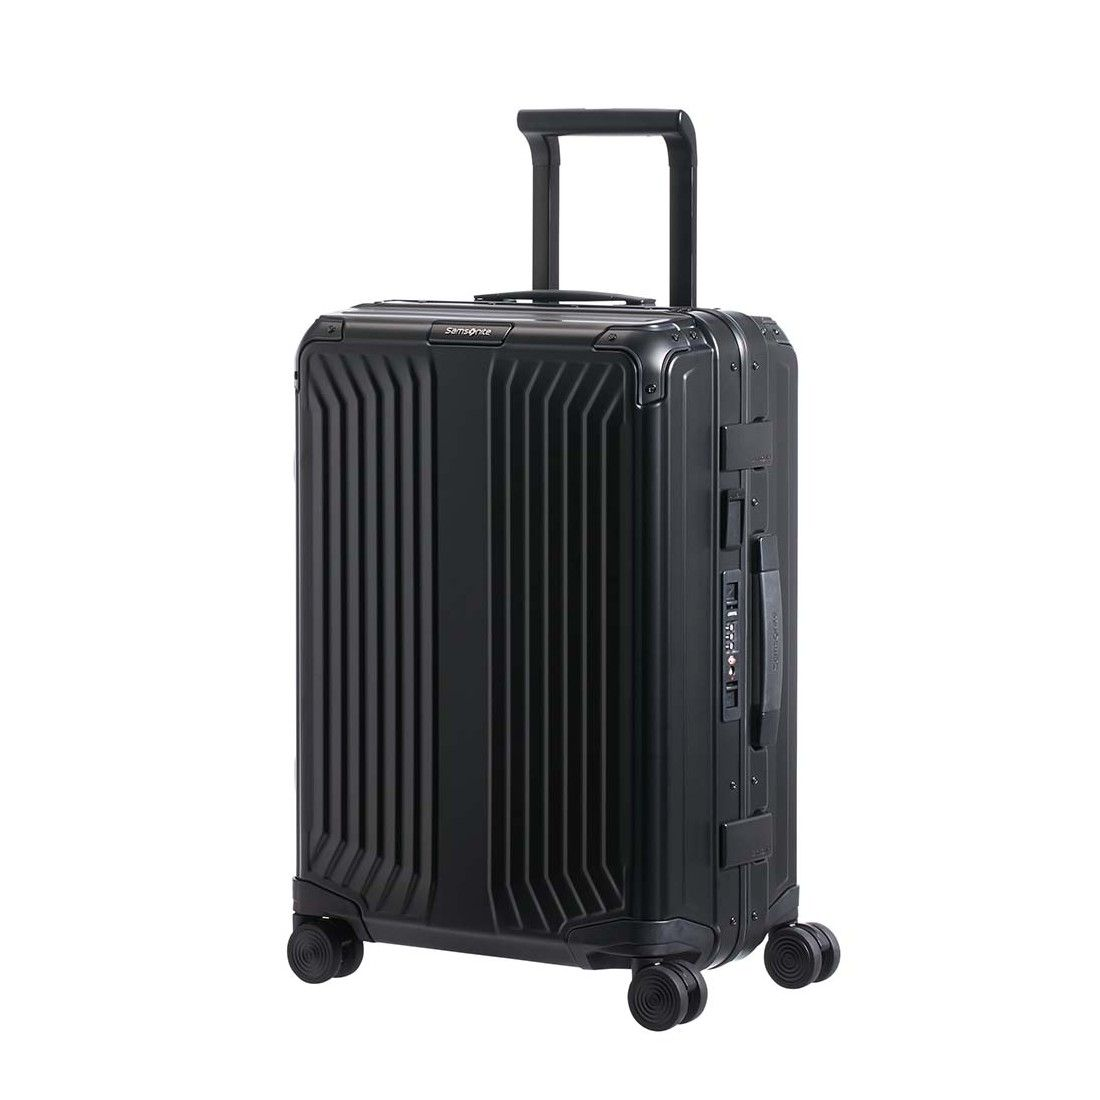 Maleta Lite-Box ALU - Samsonite - 1